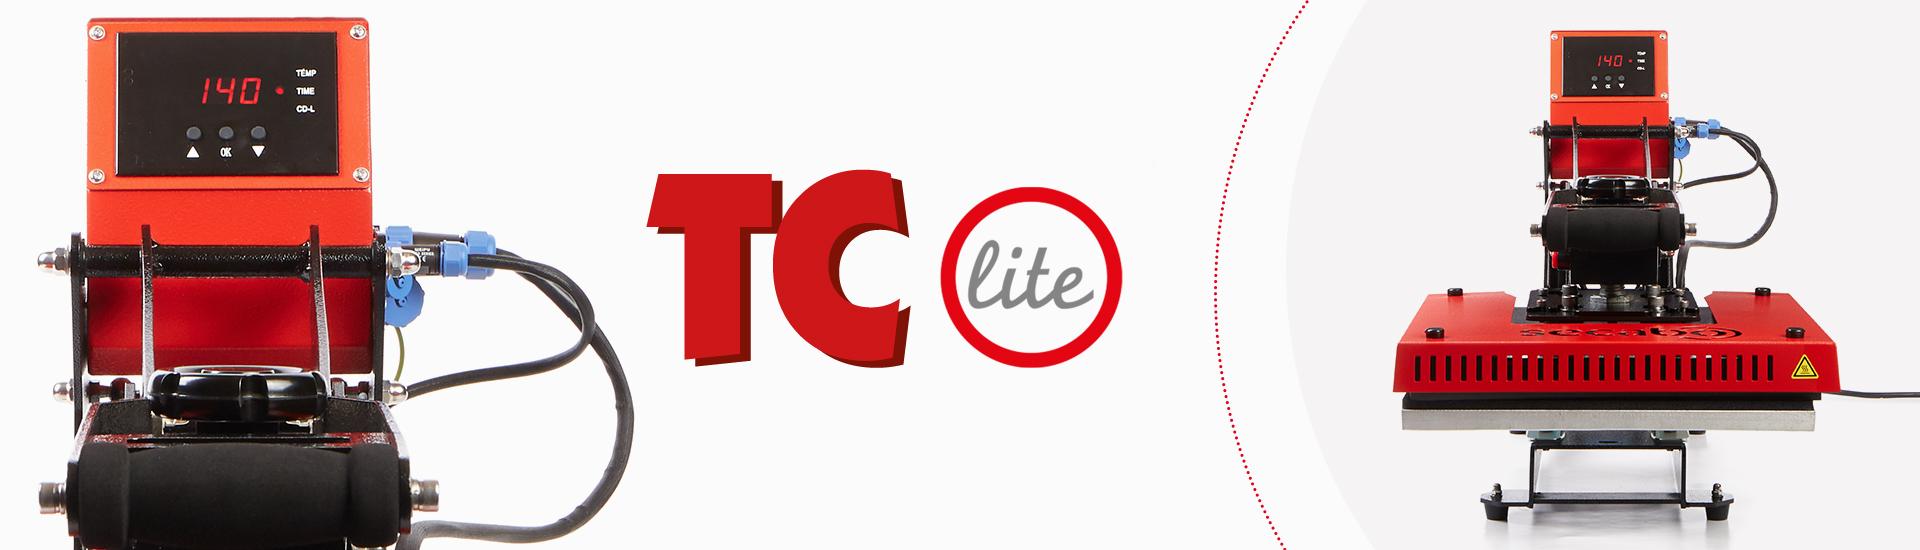 Secabo TC Lite